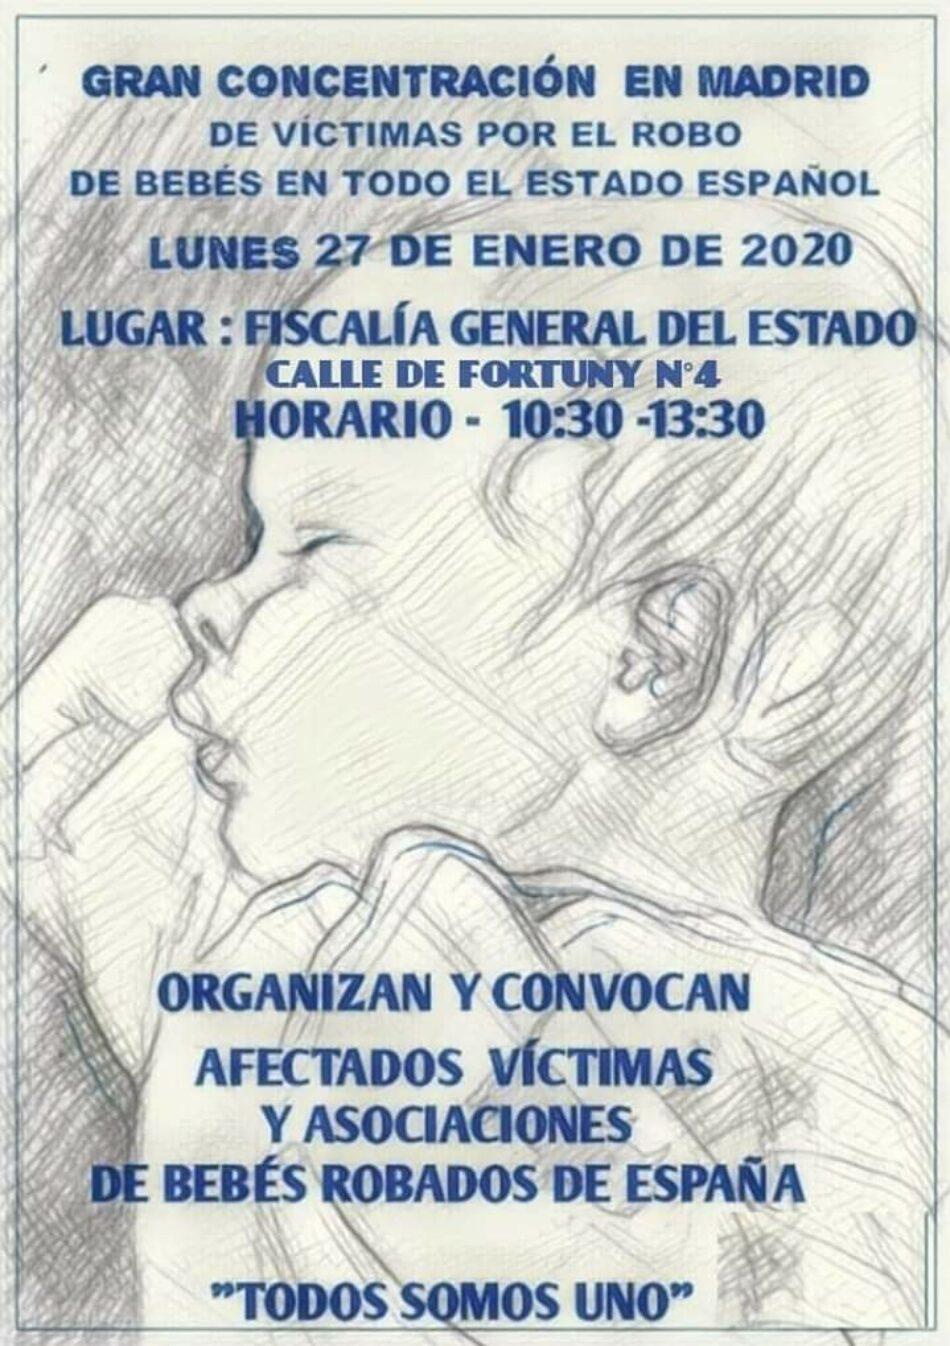 Asociaciones de víctimas y afectados de bebés robados convocan concentración frente a la Fiscalía General del Estado el 27 de enero